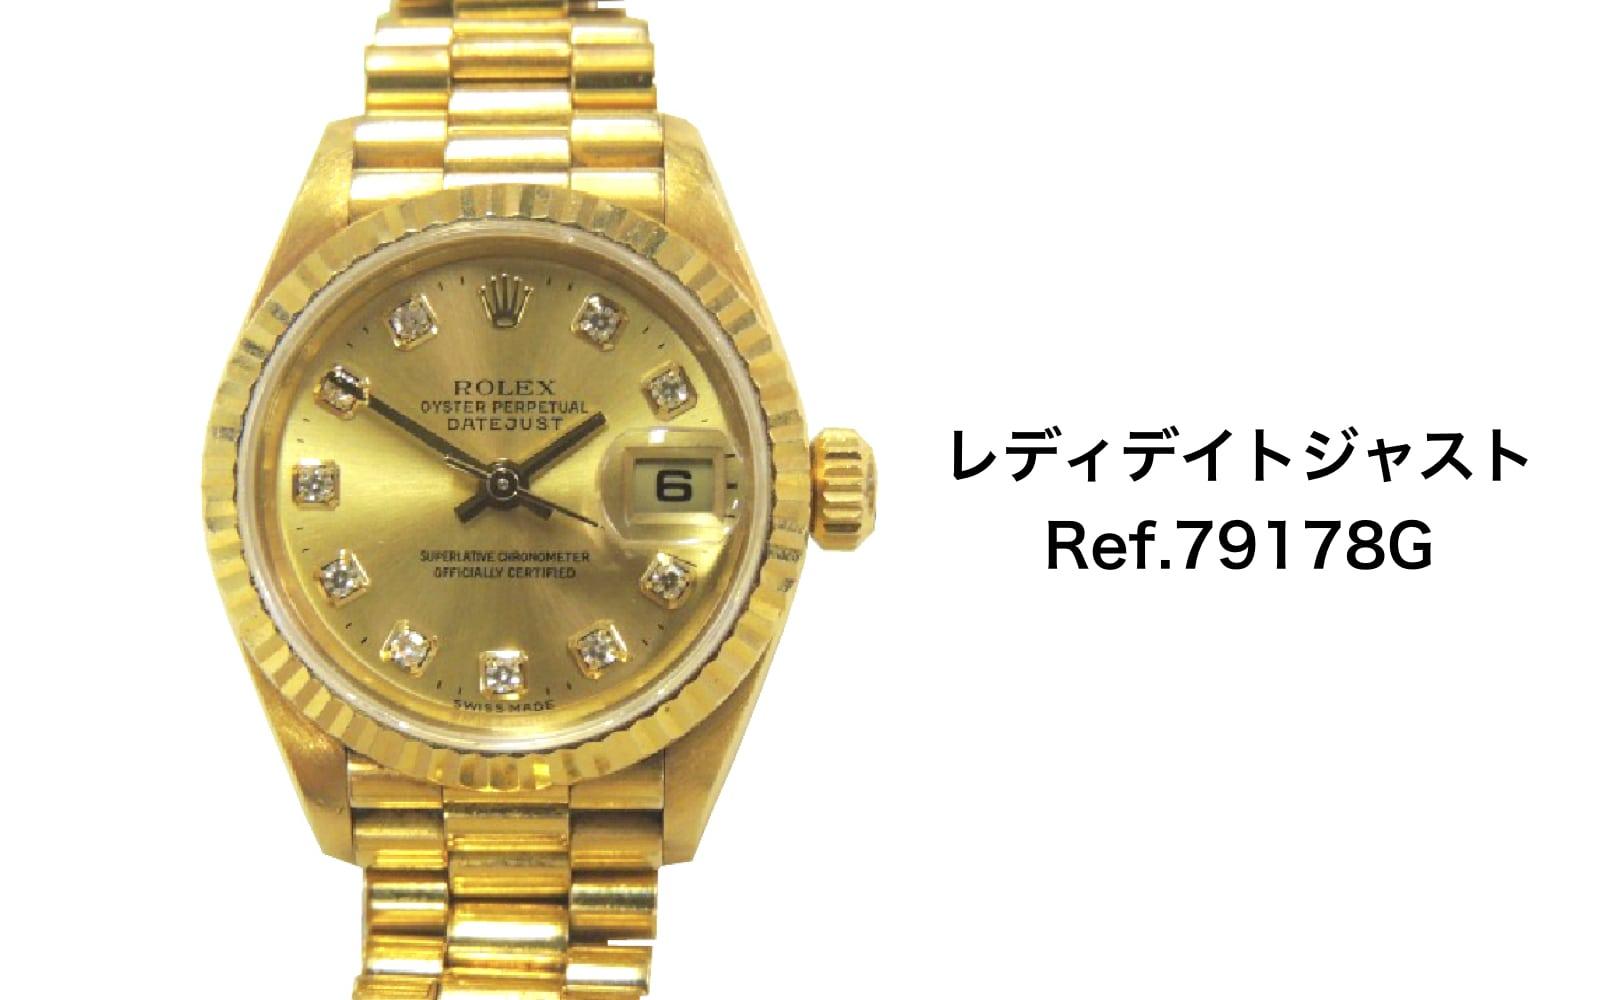 ロレックス買取レディデイトジャスト金無垢79178gダイヤ